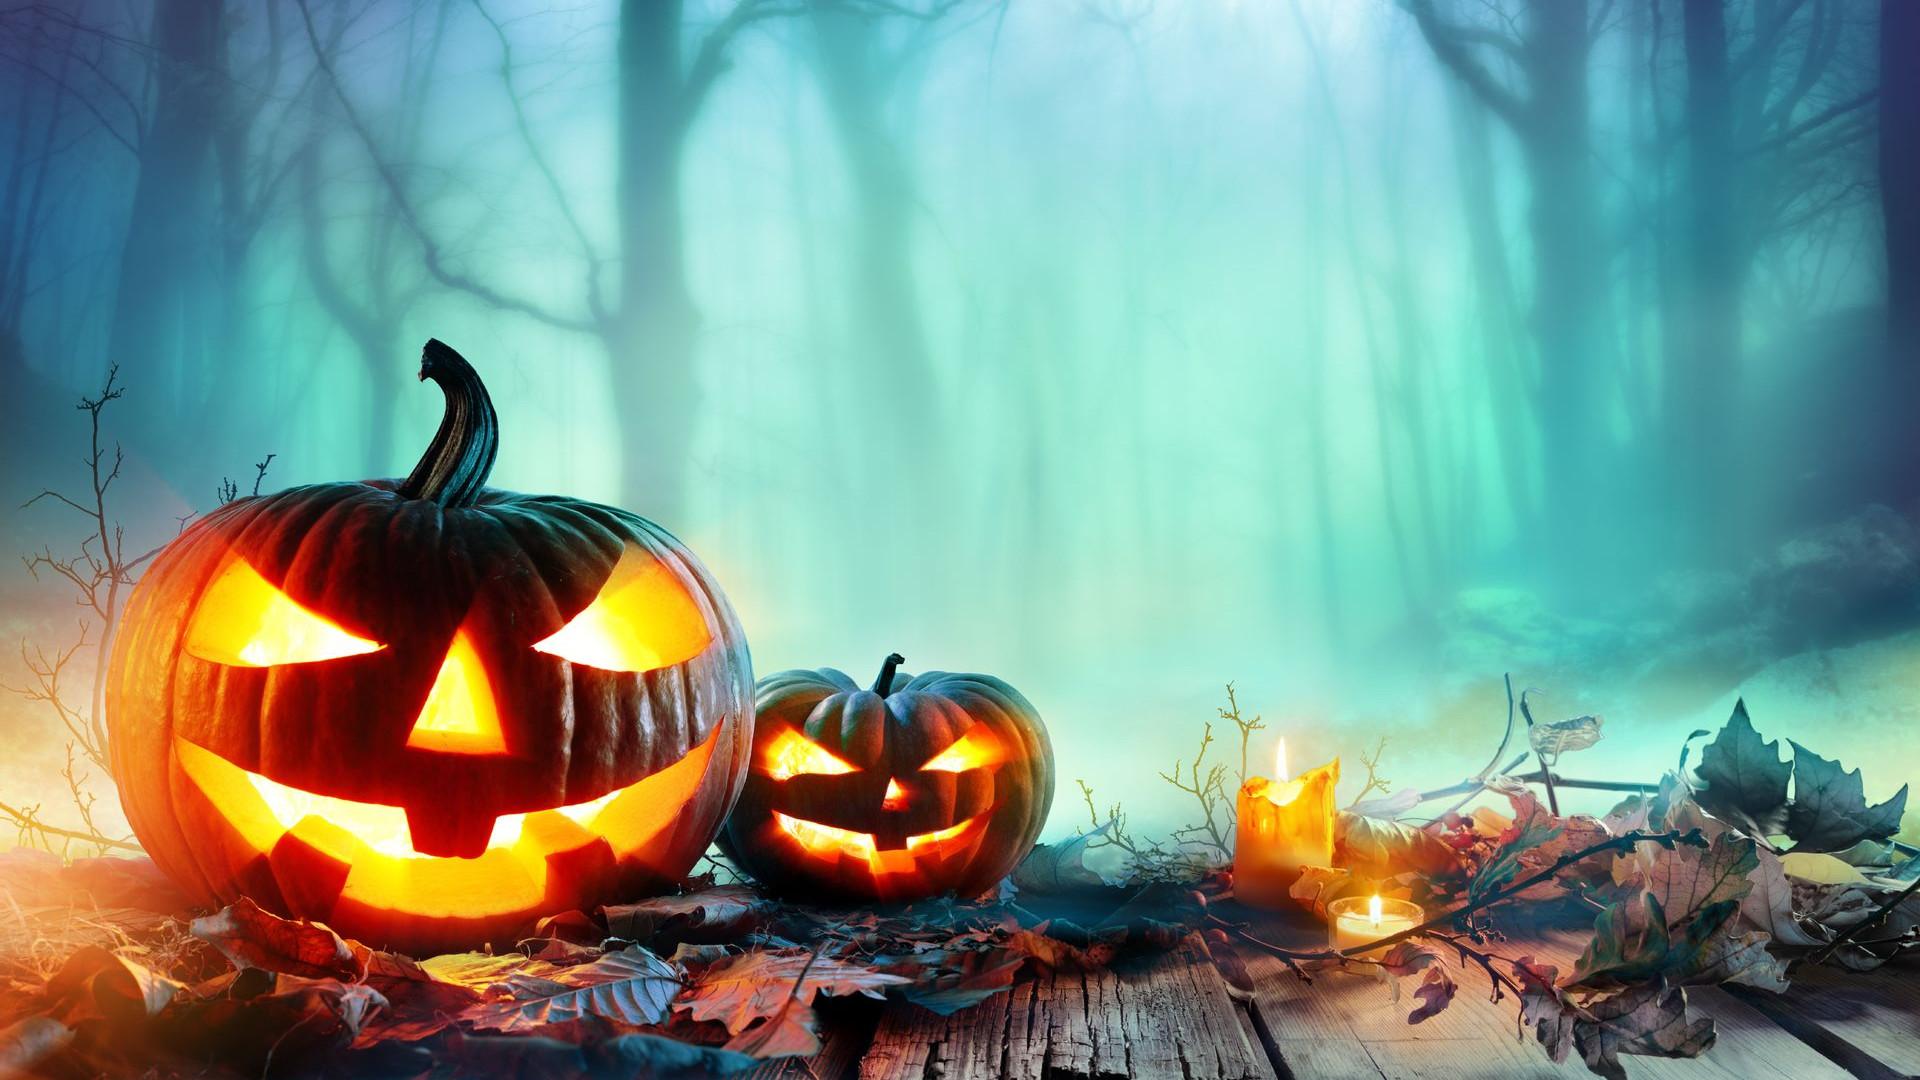 Fond D Ecrans Windows Halloween 16 1920x1080 Gratuit